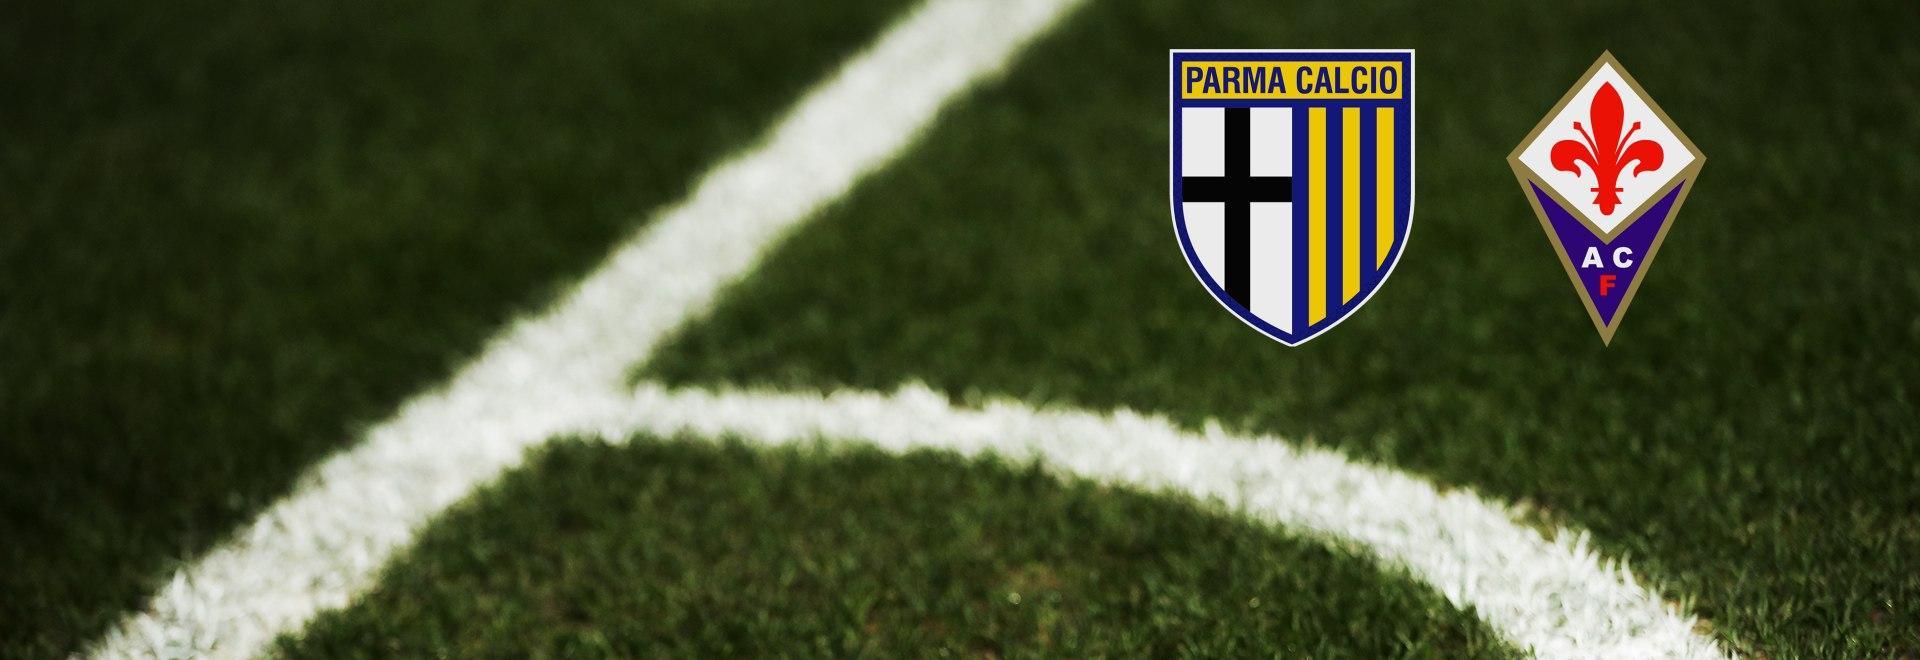 Parma - Fiorentina. 7a g.